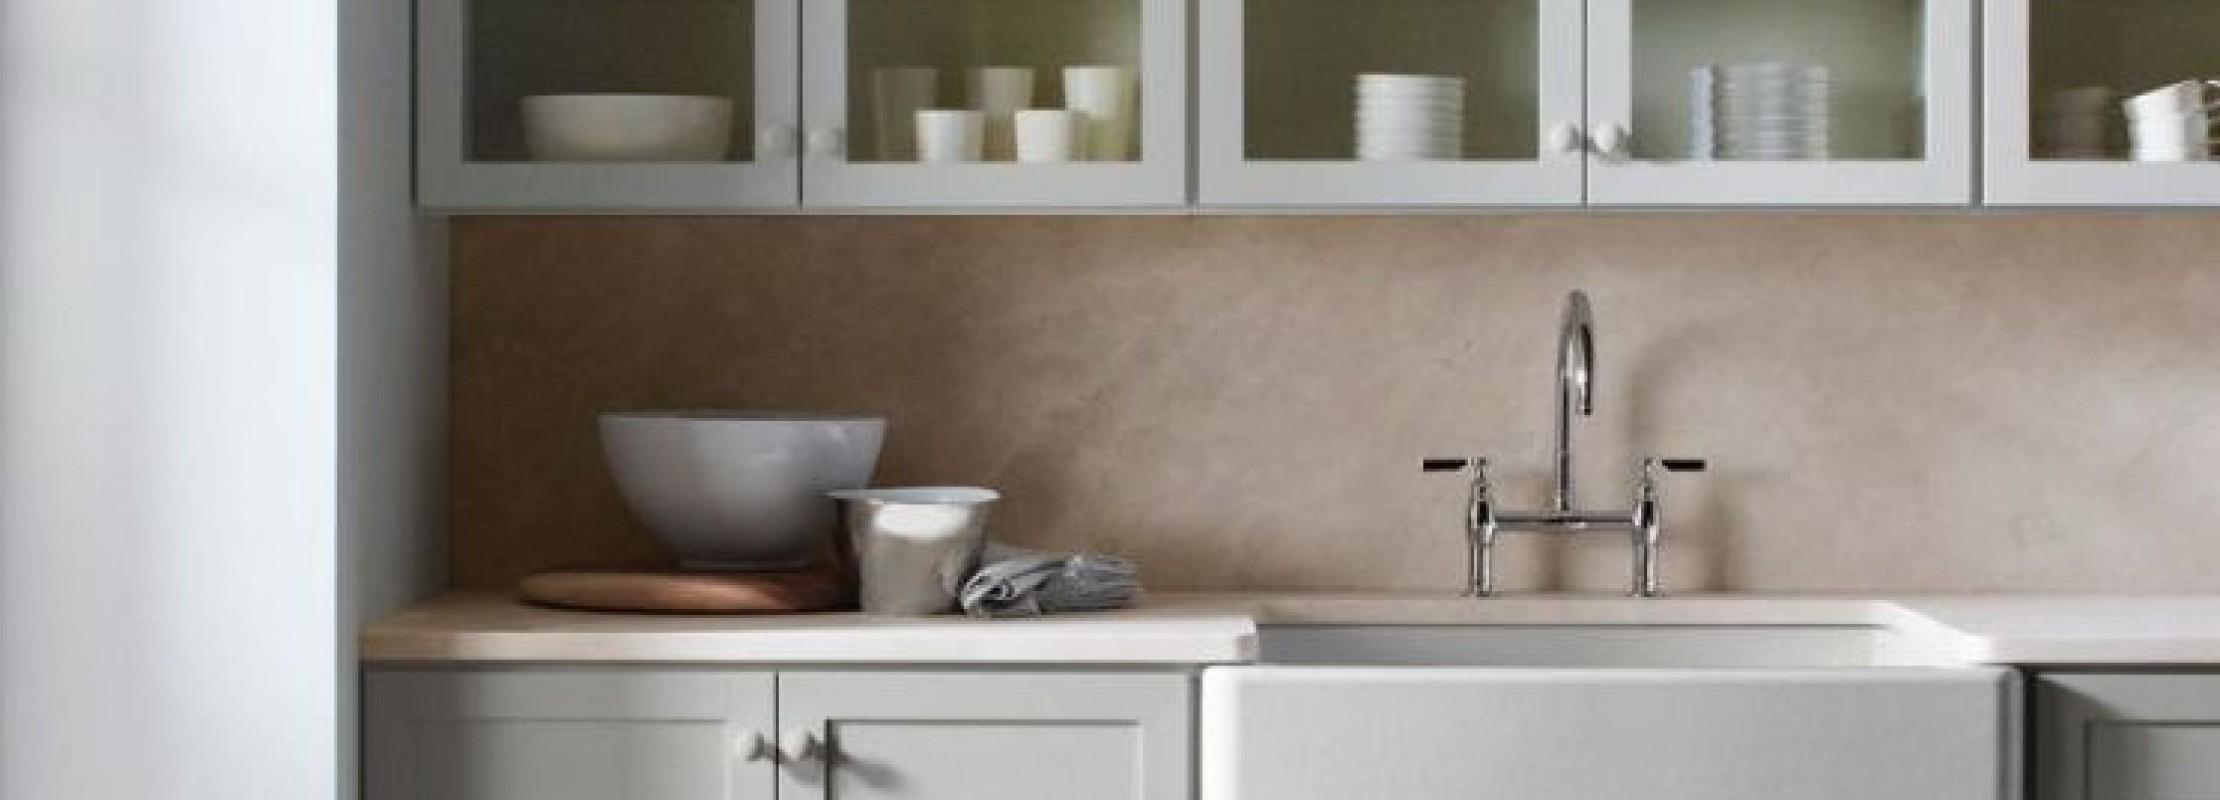 Pompa Per Scarico Lavello Cucina.Sanitrit Per Cucina Consigli E Prezzi Blog Edilnet